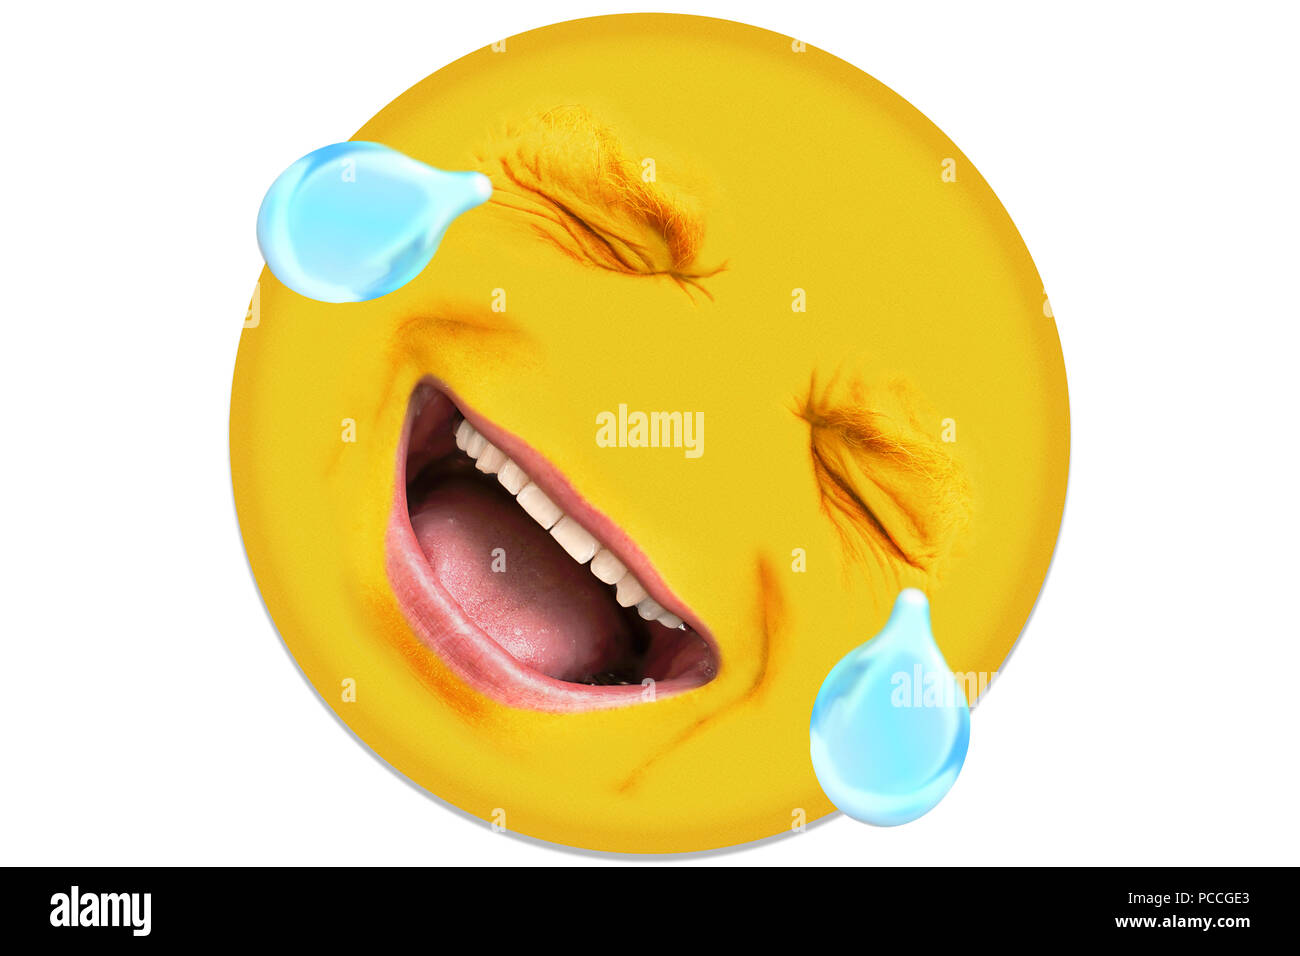 Ein Mann In Seiner Mitte 40 Lacht Die Gesichtszüge Haben Eine Menge